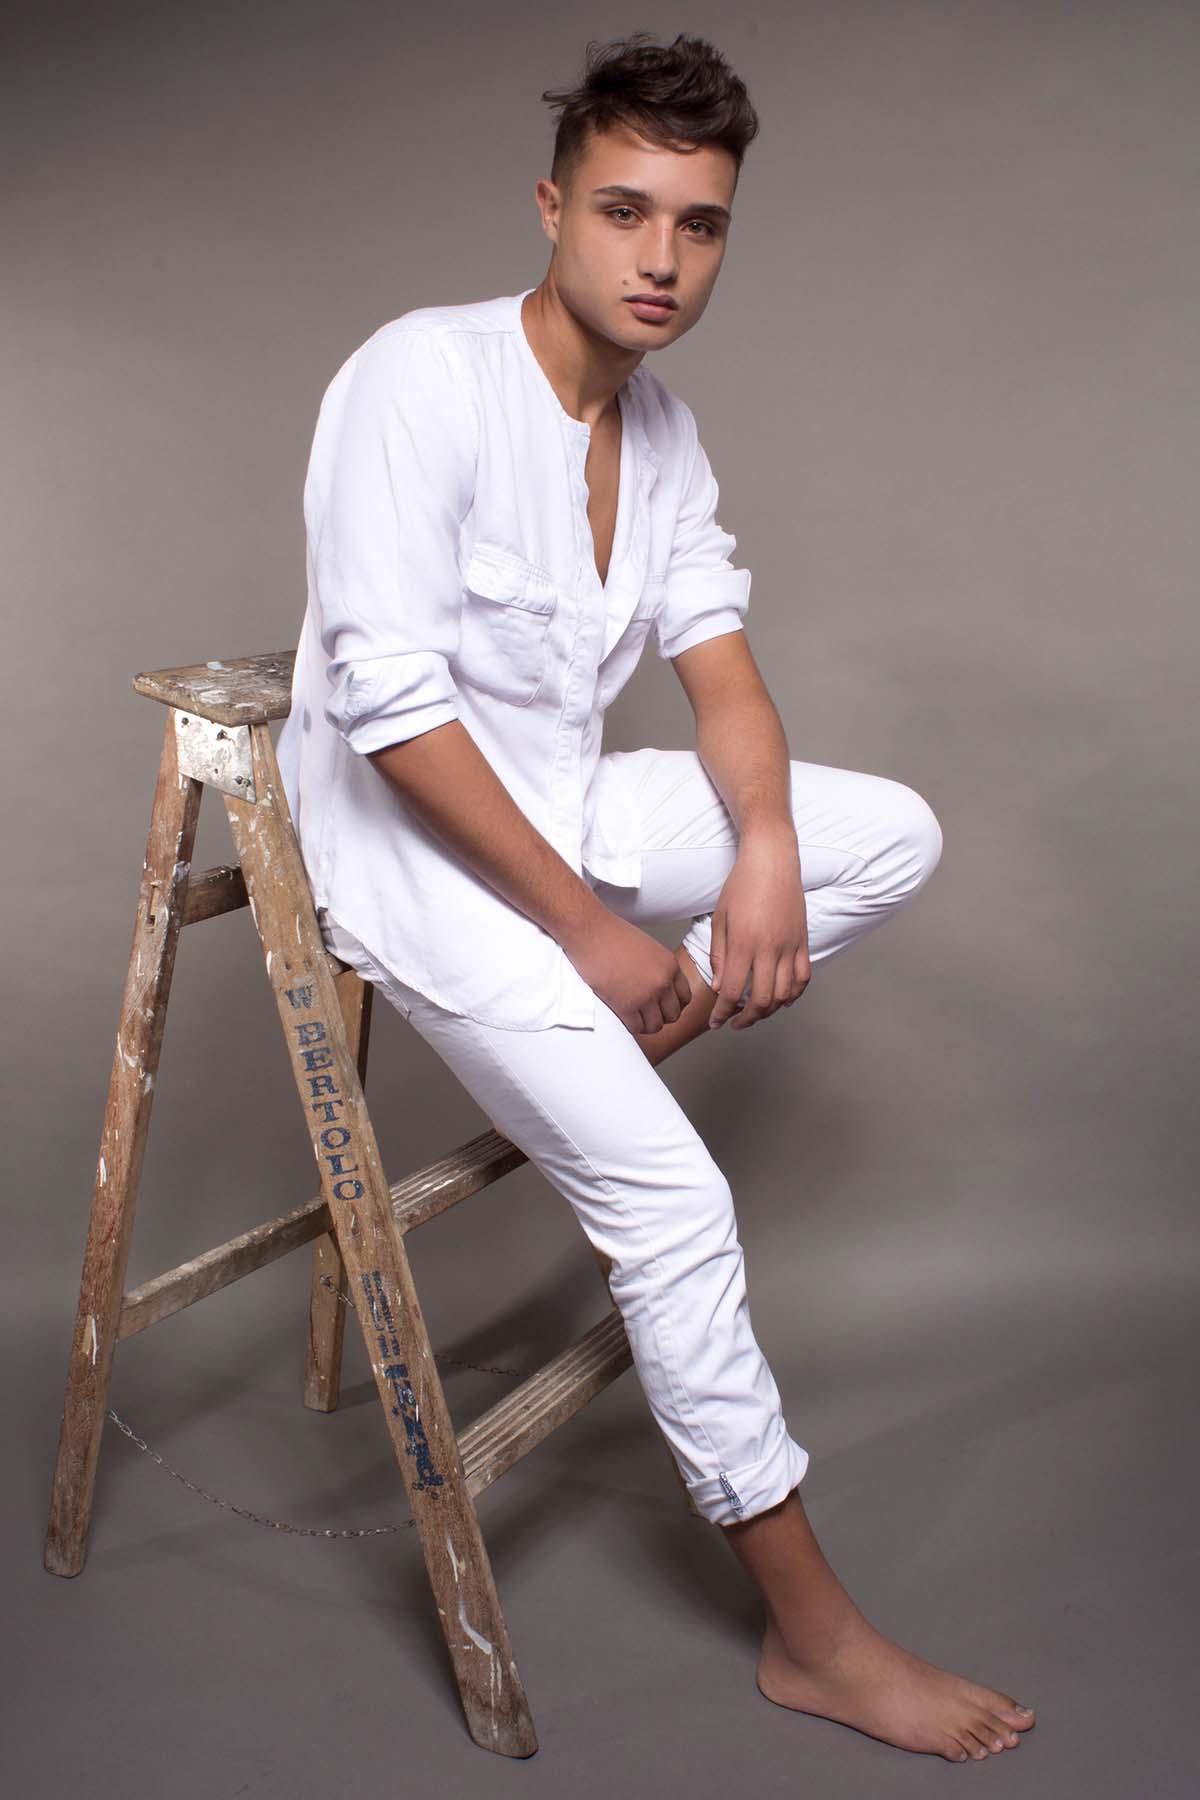 Italo Melo by De Macedo for Brazilian Male Model